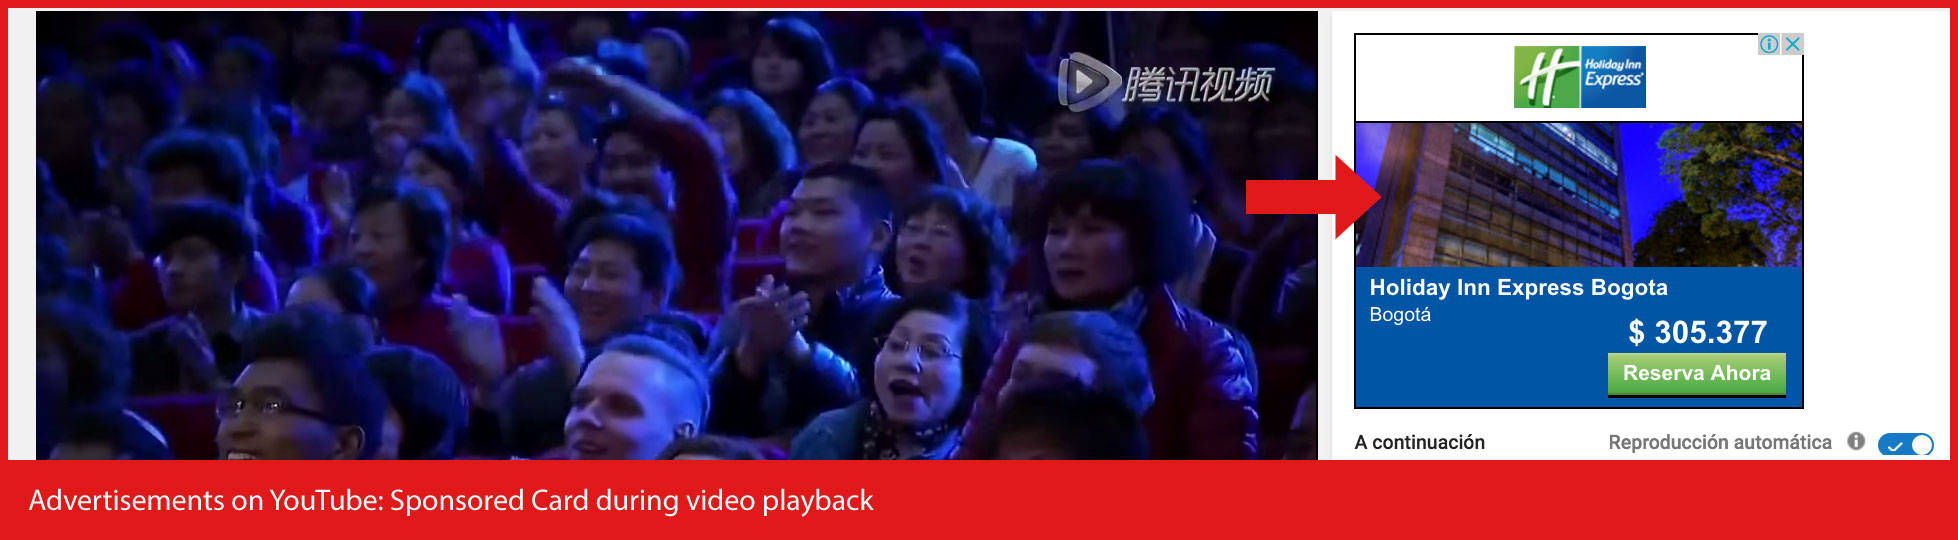 Advertisements-on-YouTube - Tarjeta patrocinada durante la reproducción de video